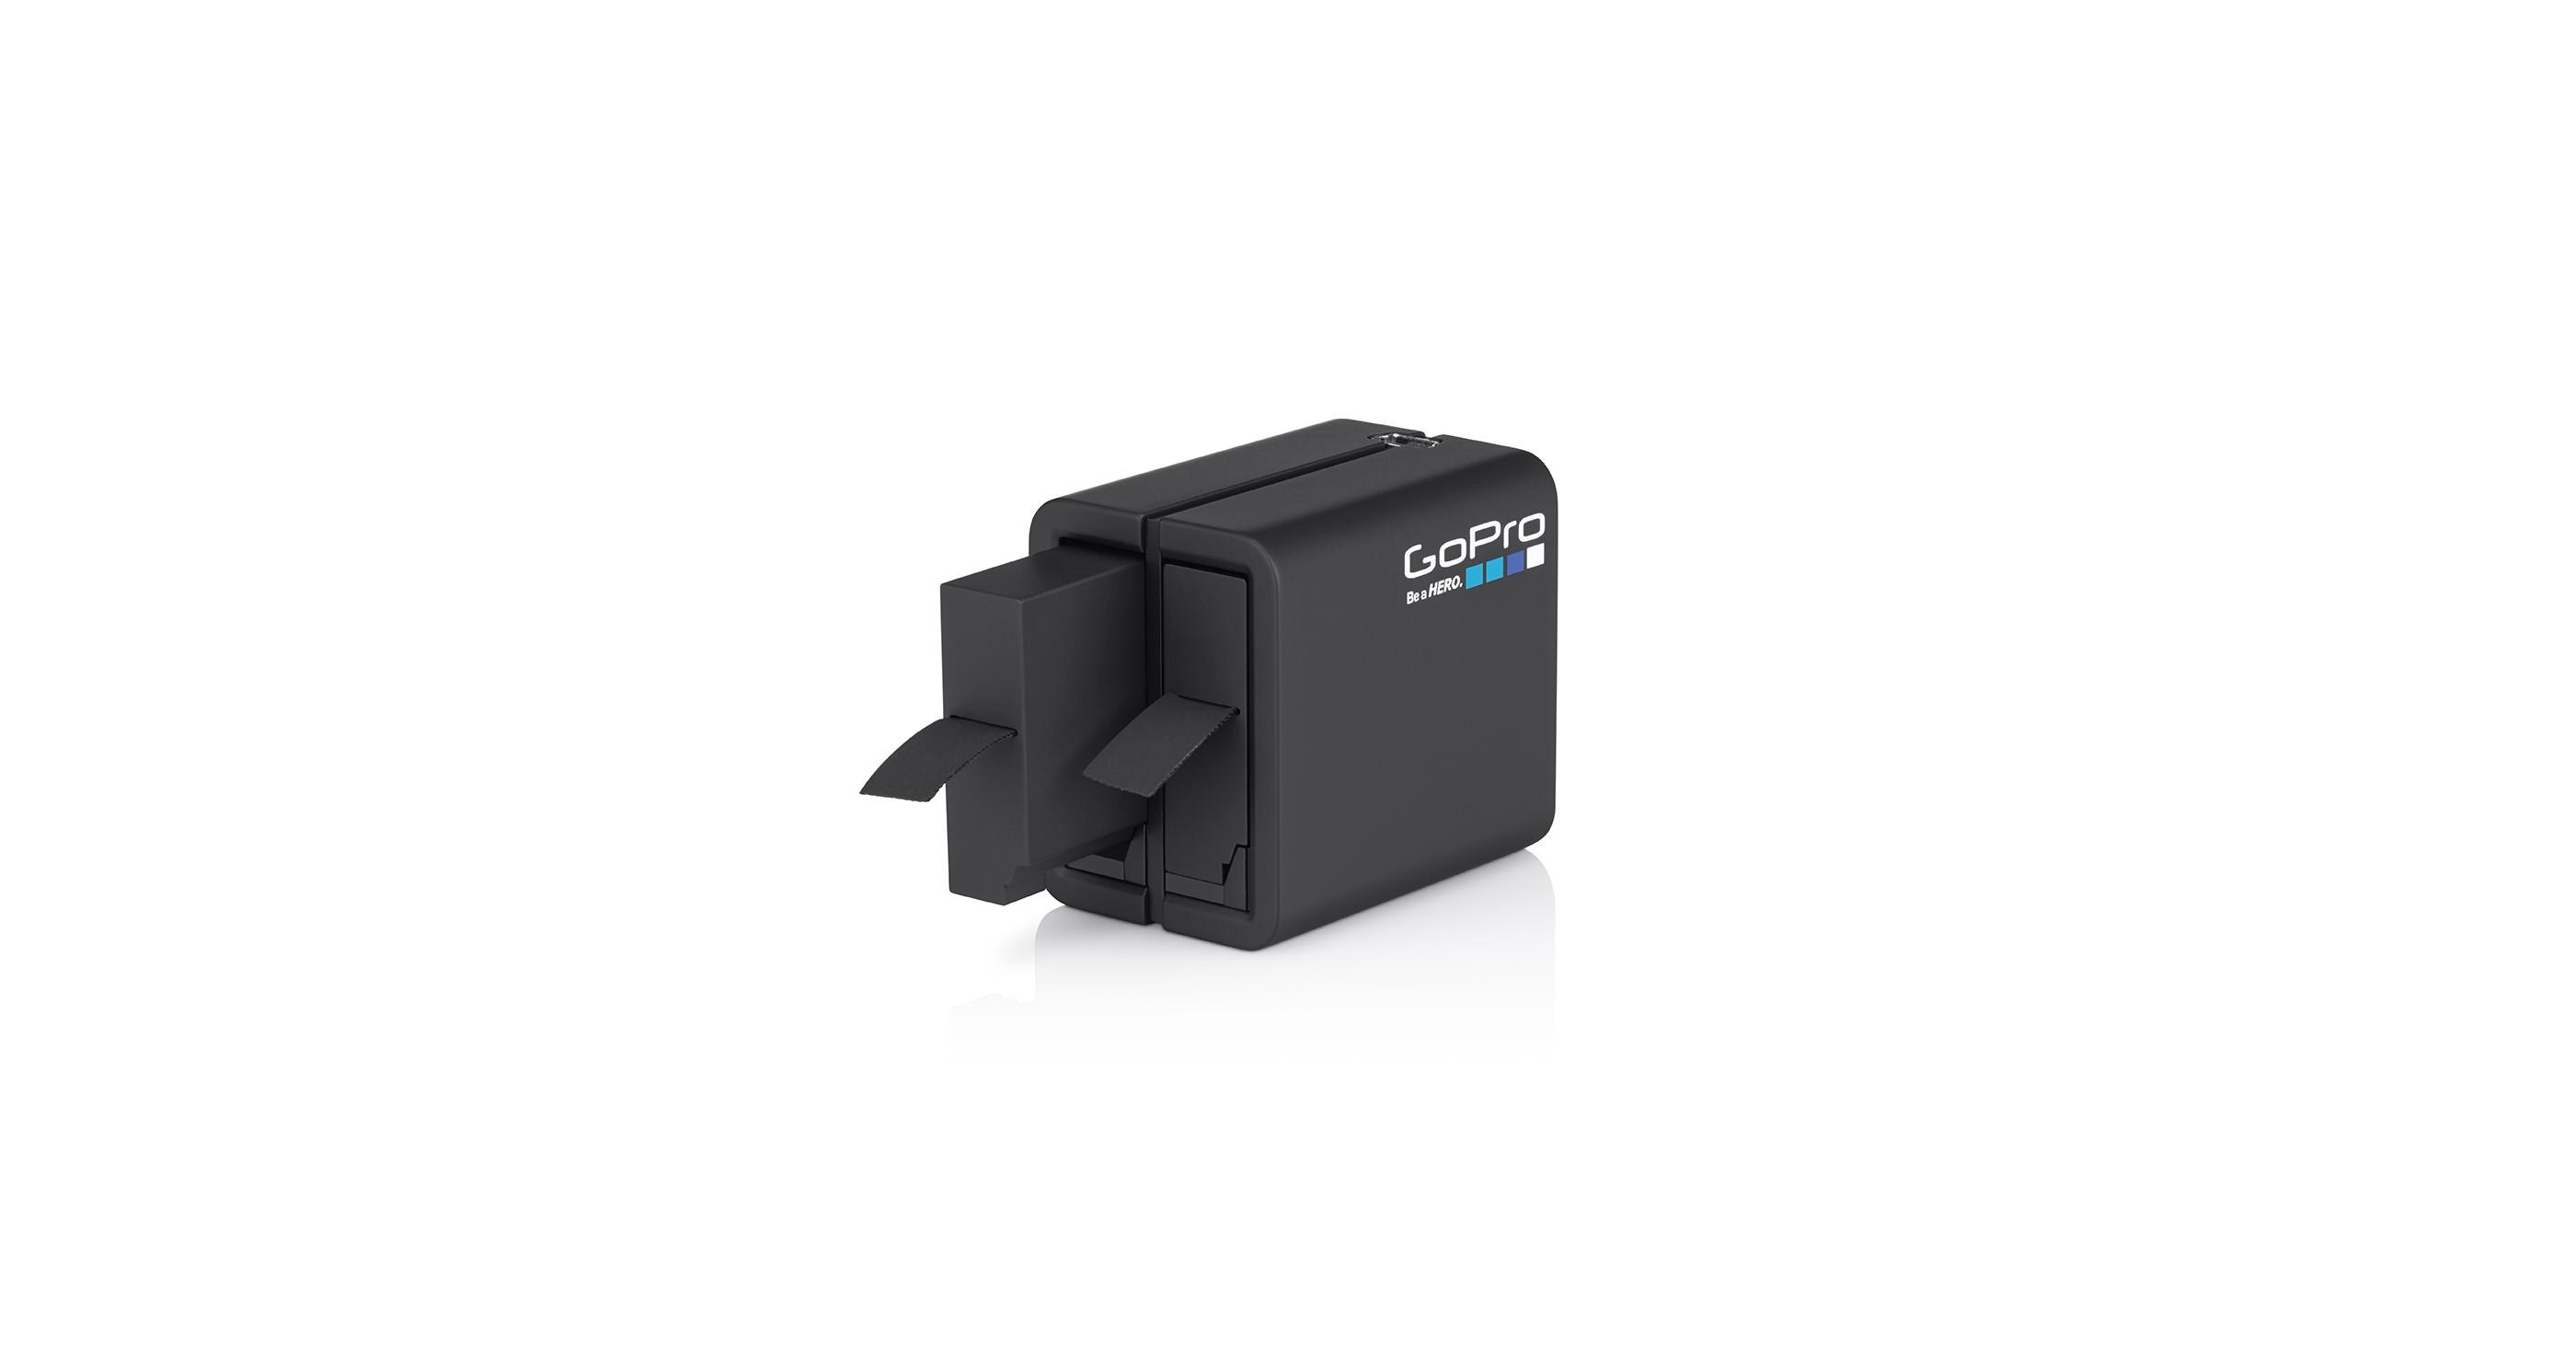 Accesorio Gopro Aadbd-001-Es Cargador Doble Para